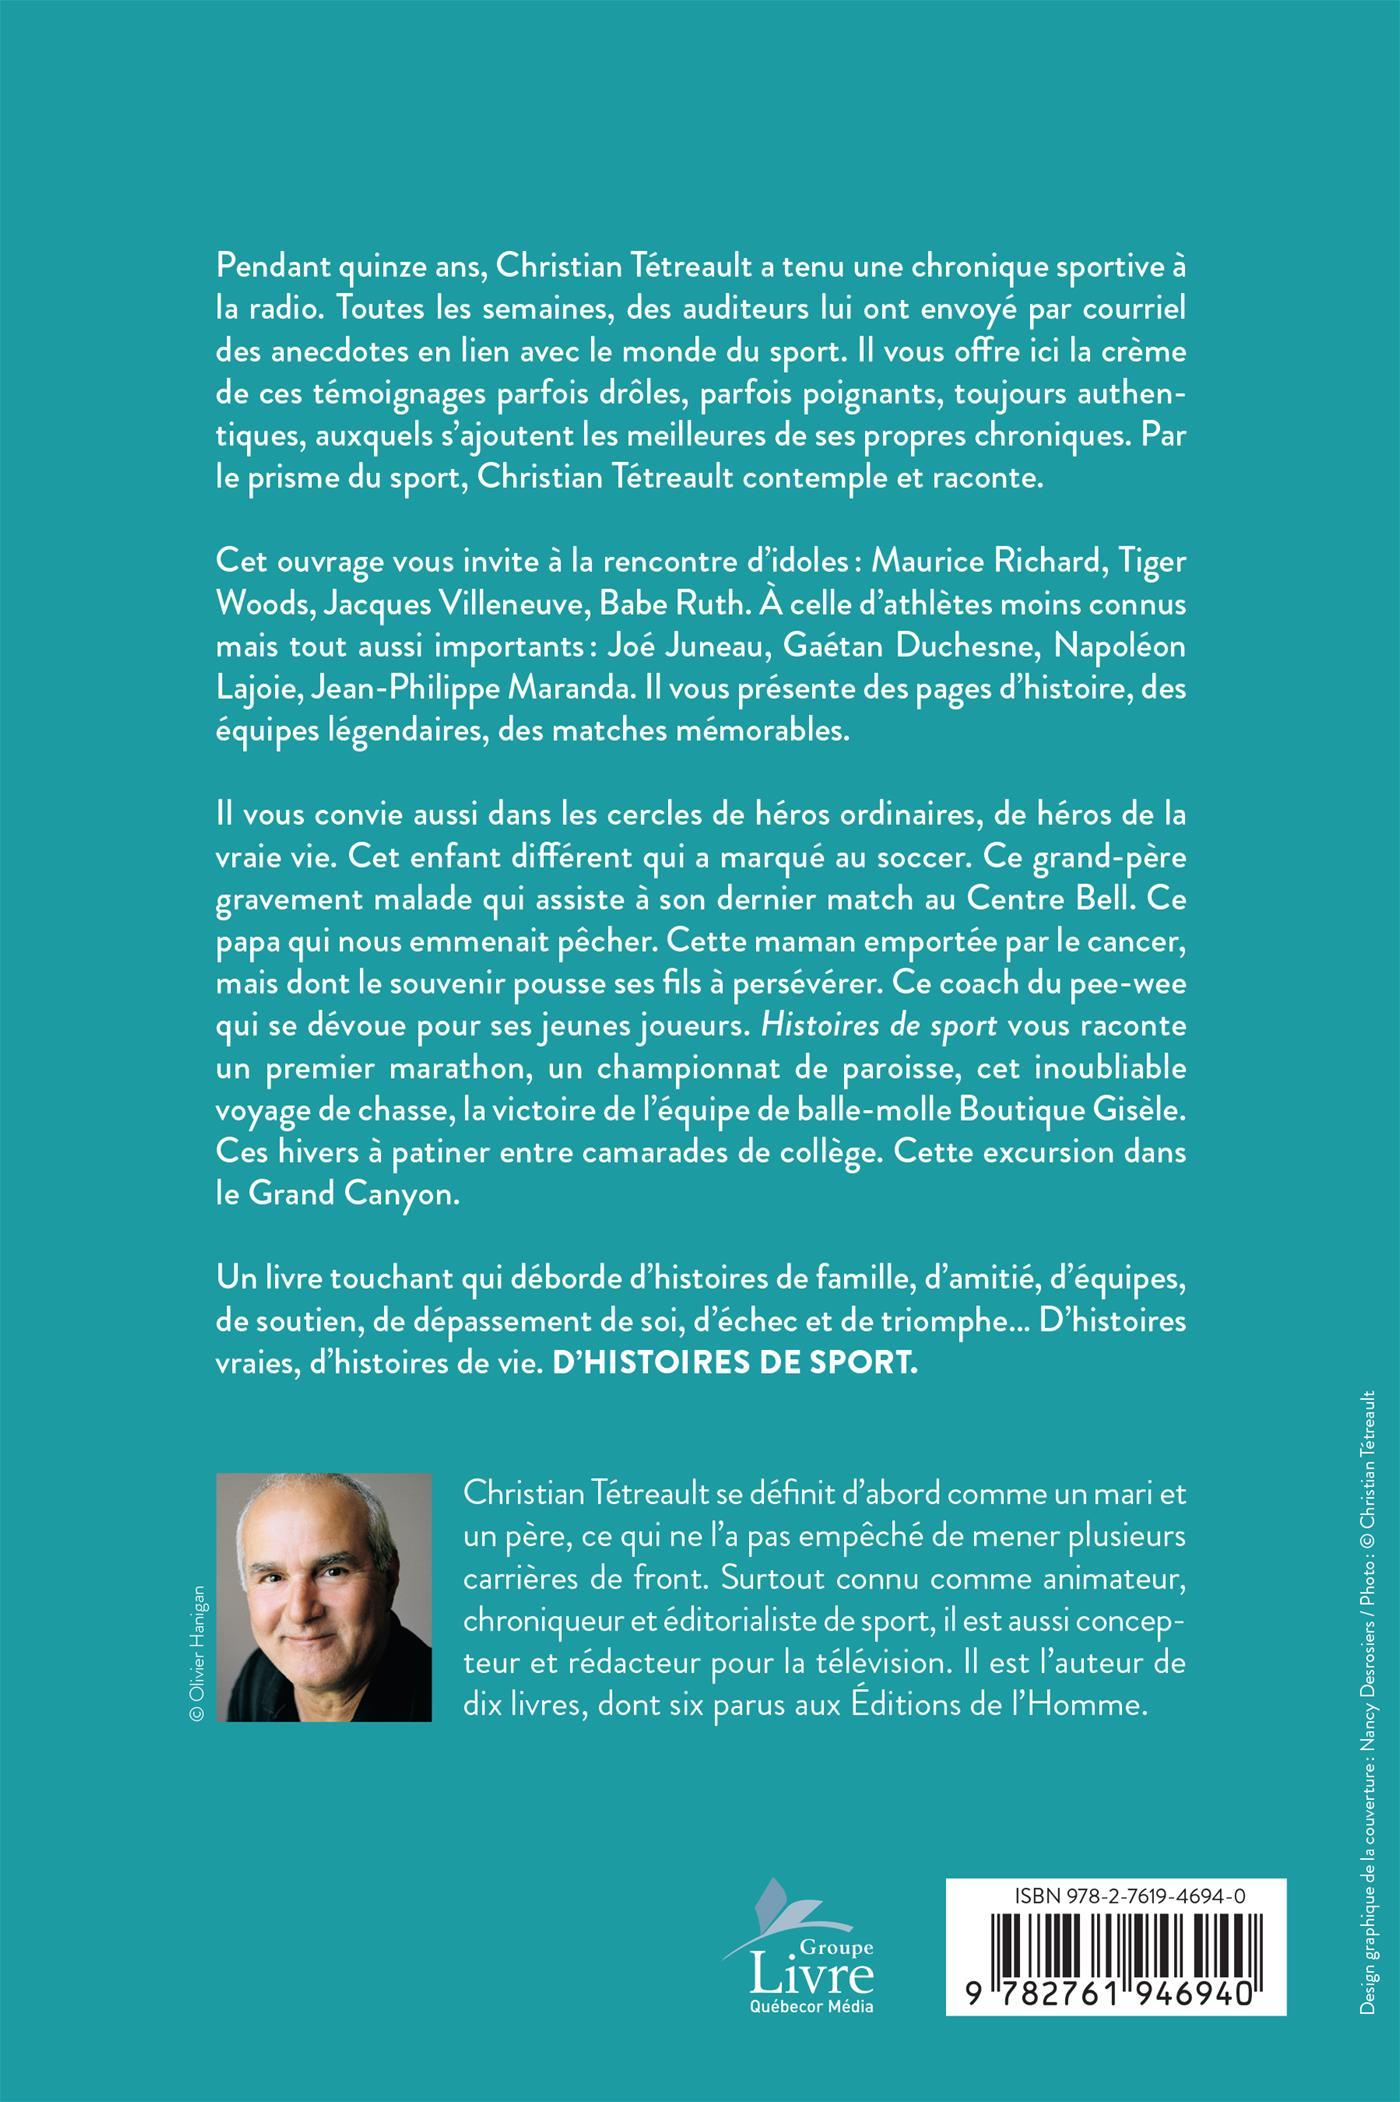 Livre Numerique Epub Histoires De Sport Chroniques Les